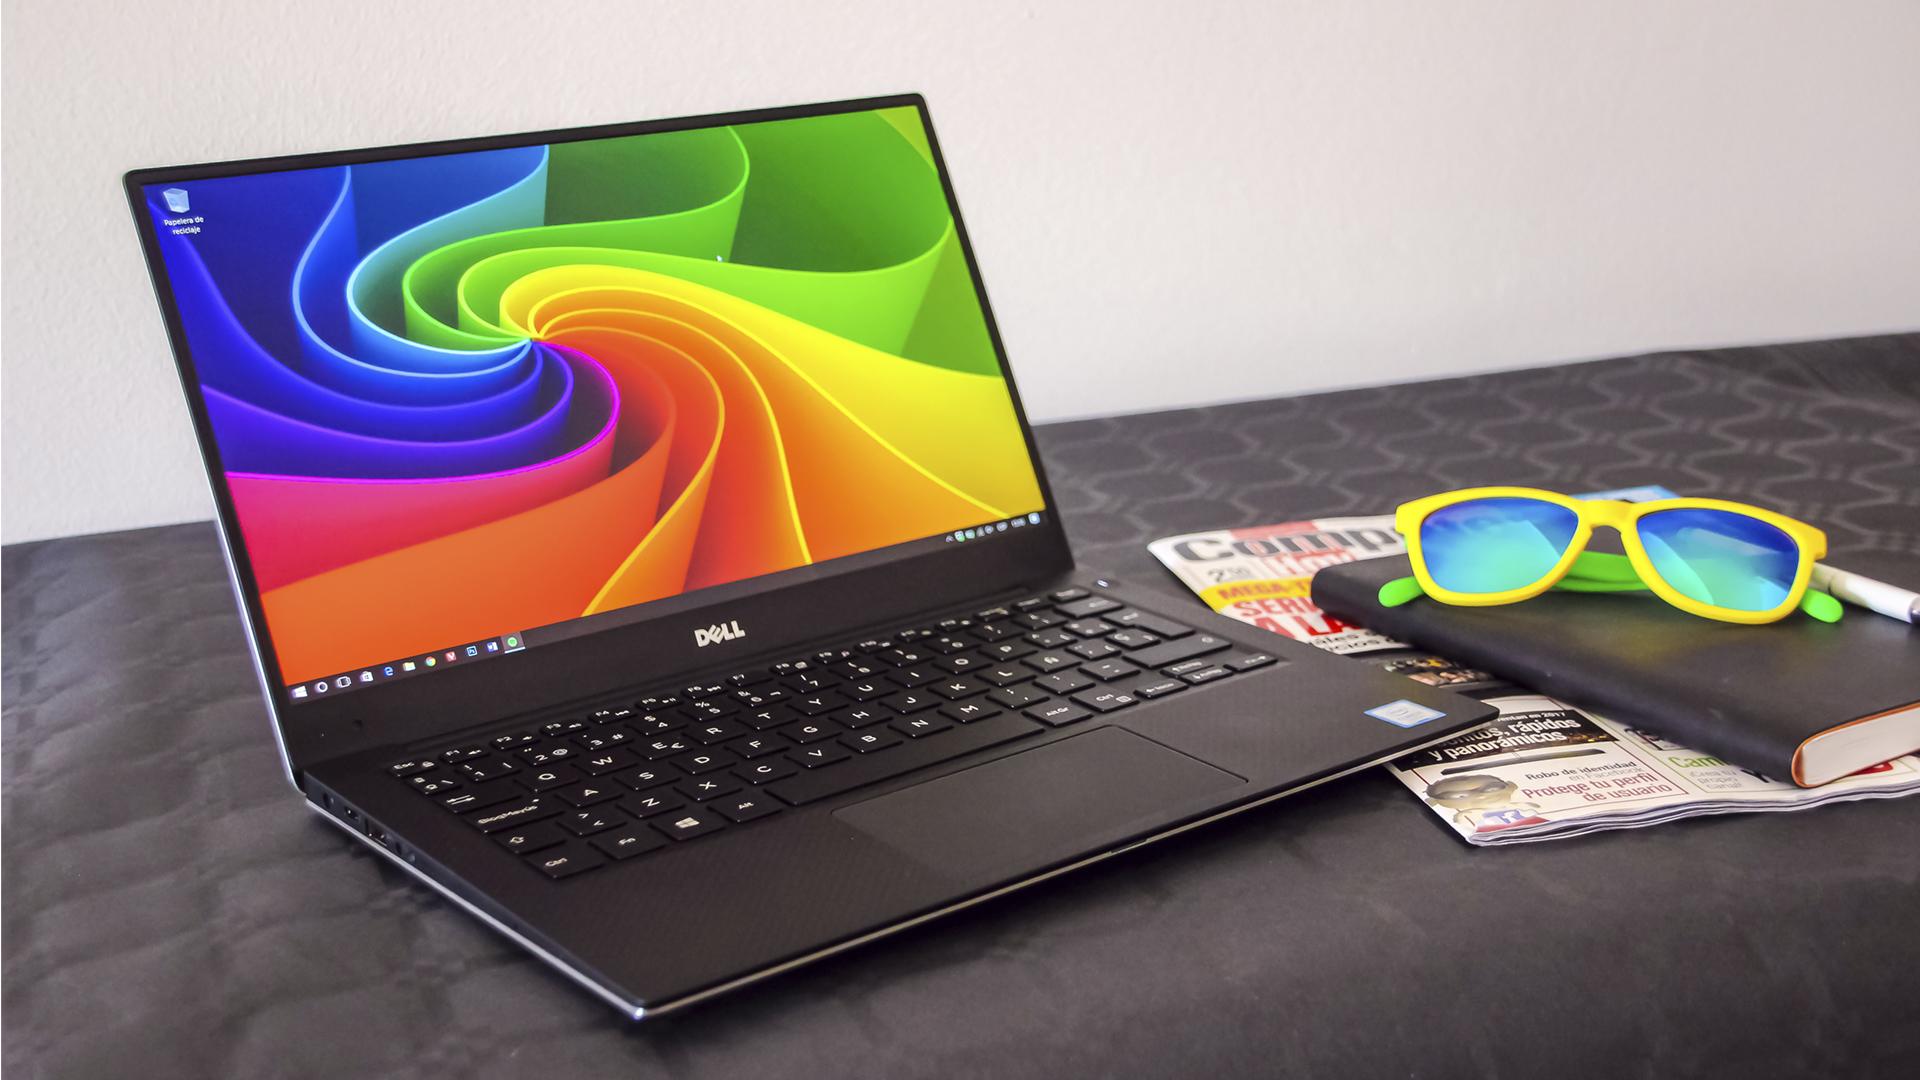 Dell Xps 13 9360 Análisis Y Opinión Tecnología